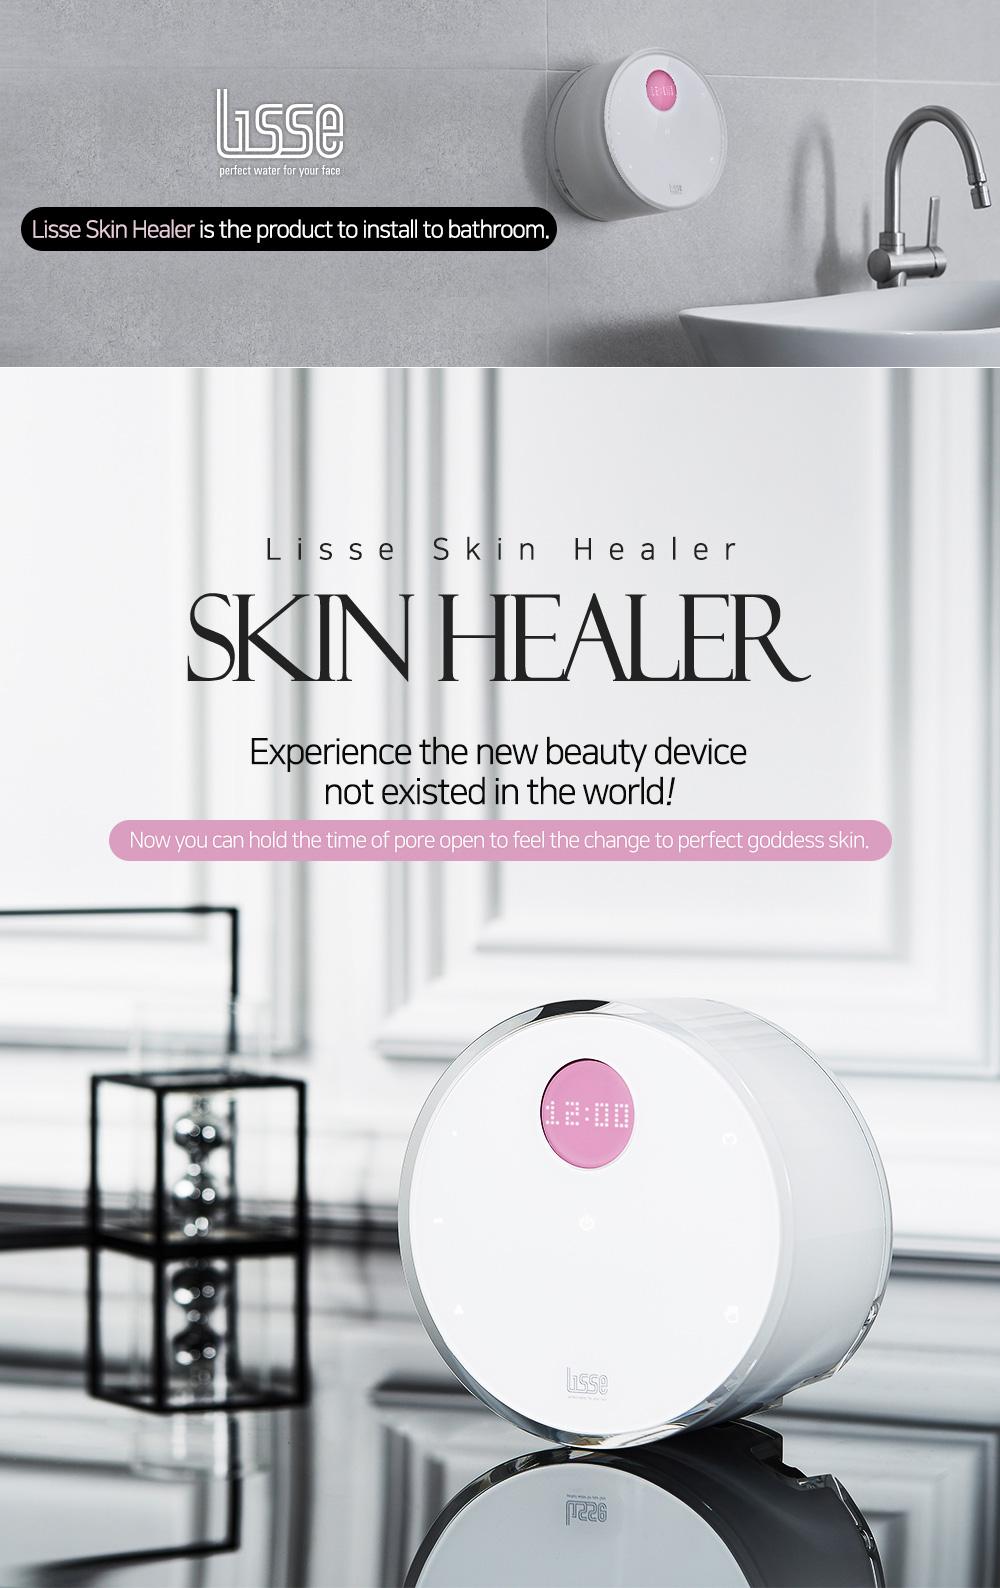 Skin healer